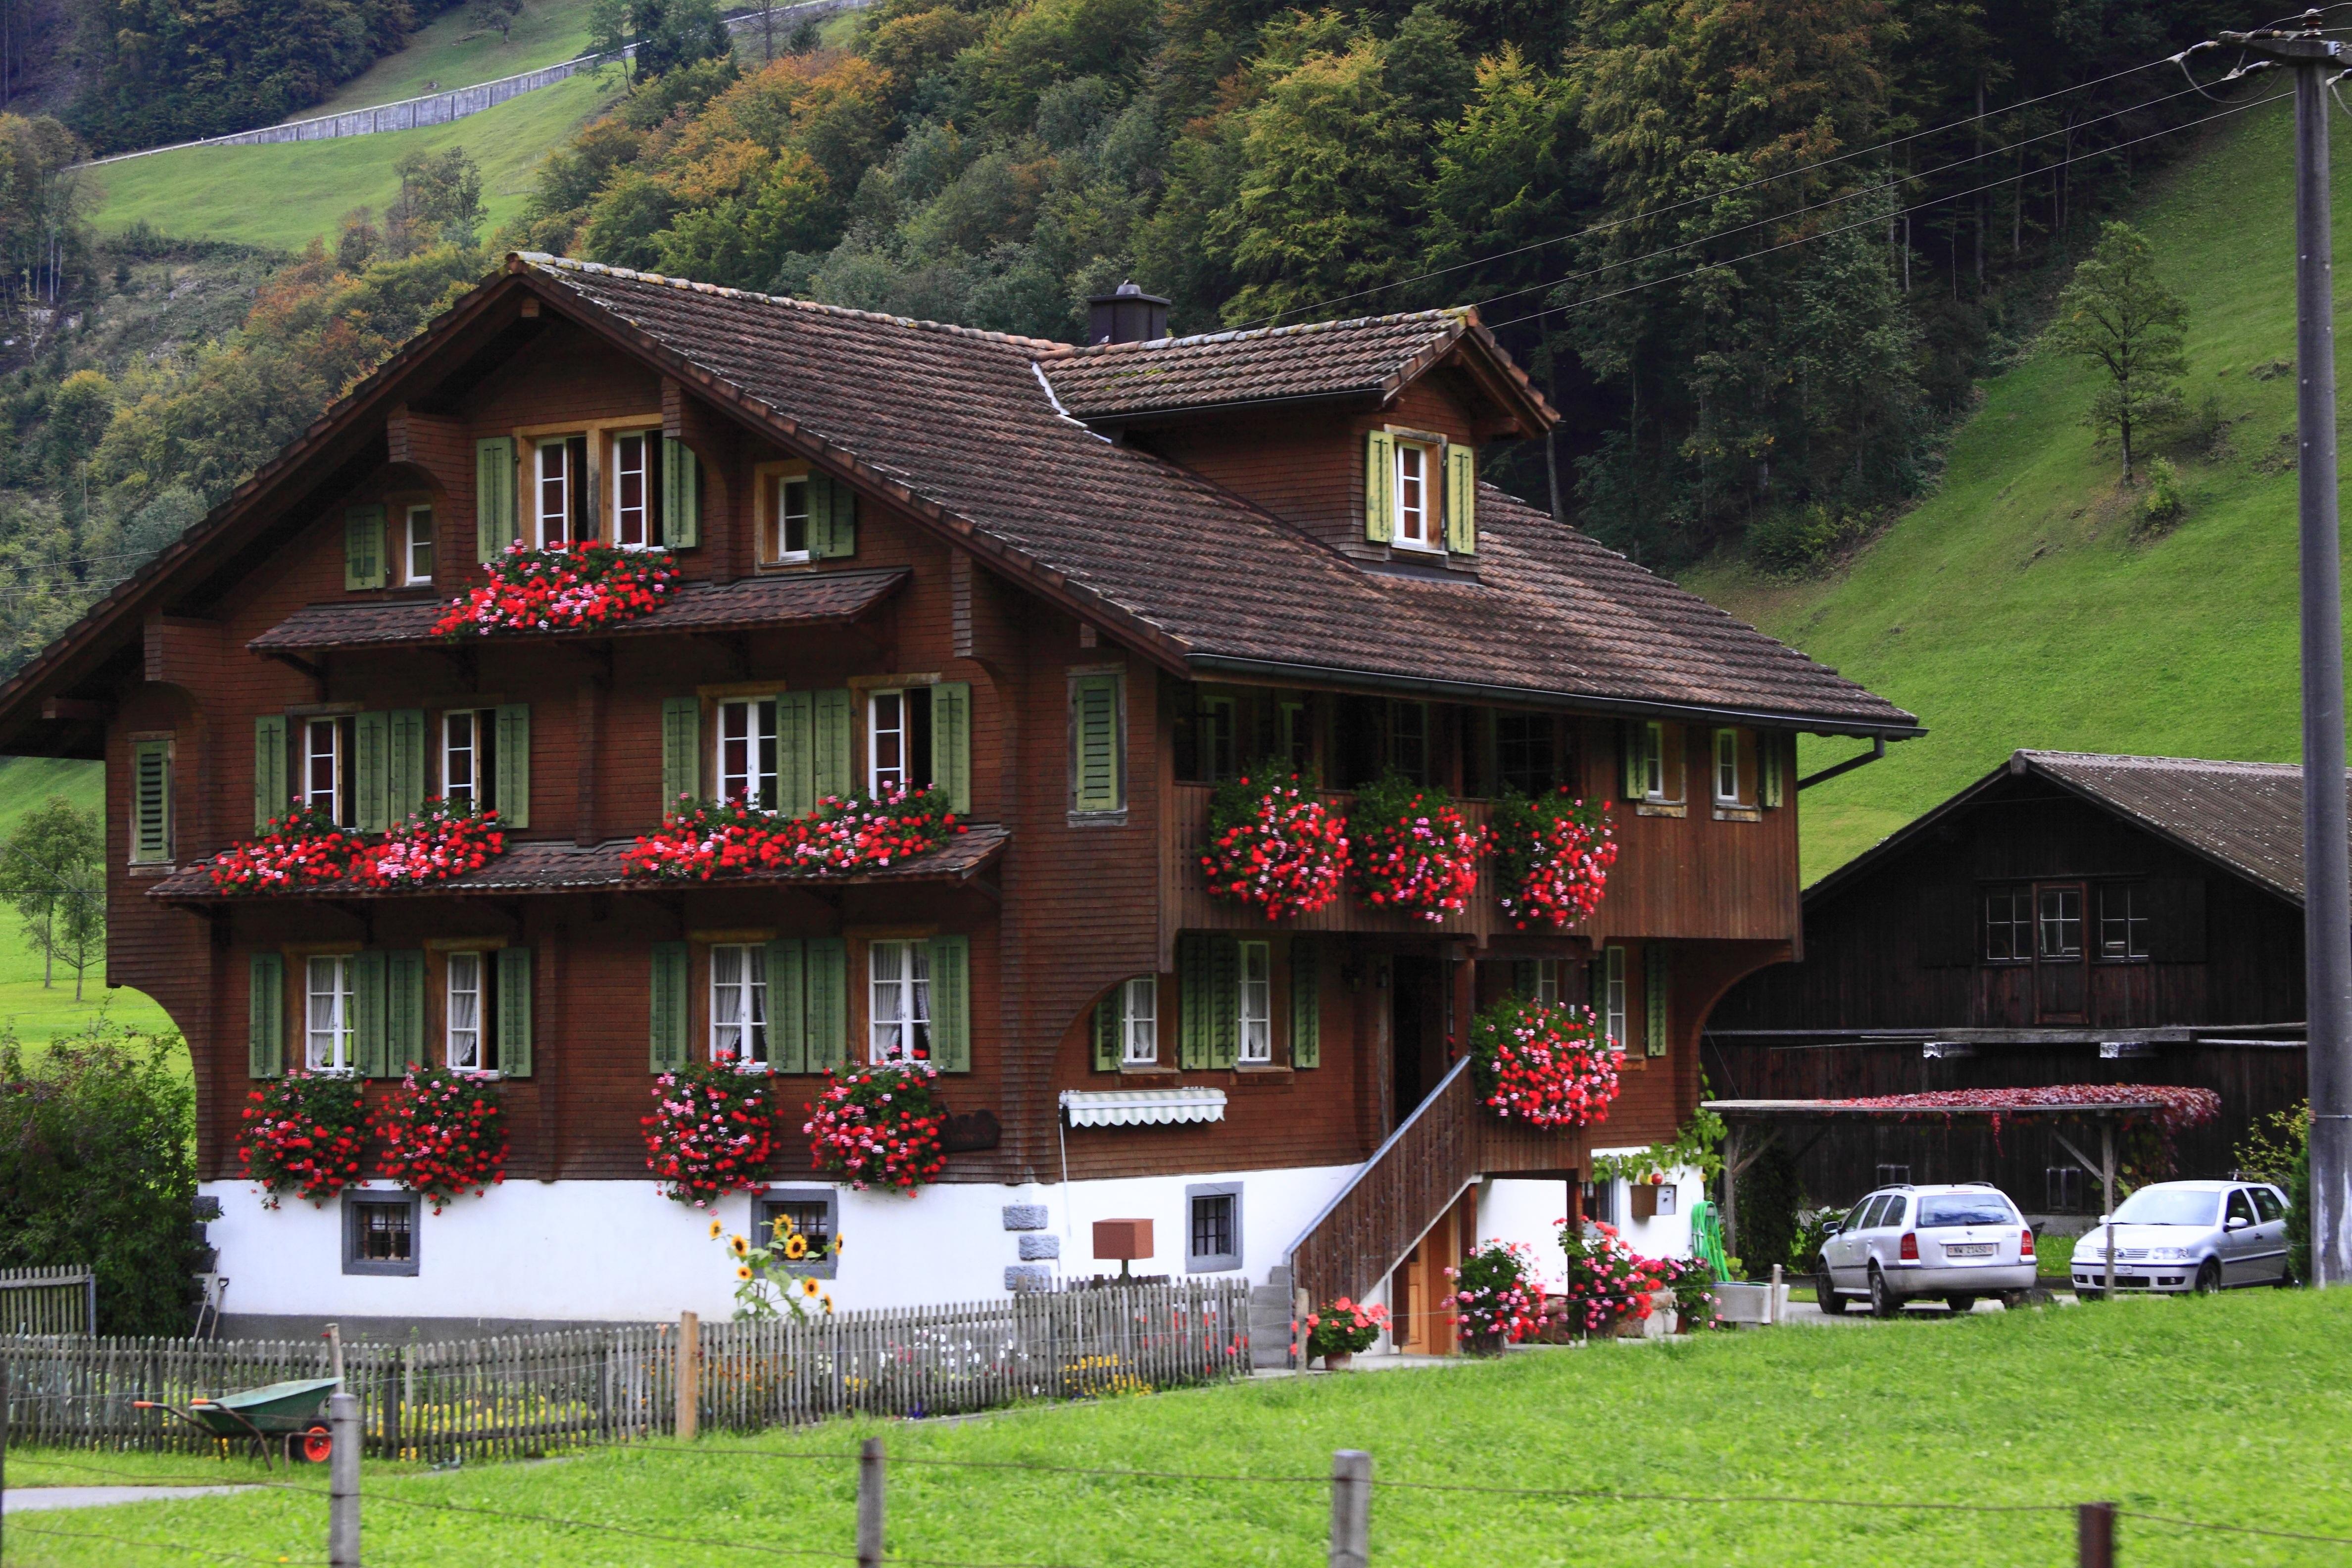 Images gratuites paysage ferme maison b timent for Agrandissement maison zone verte